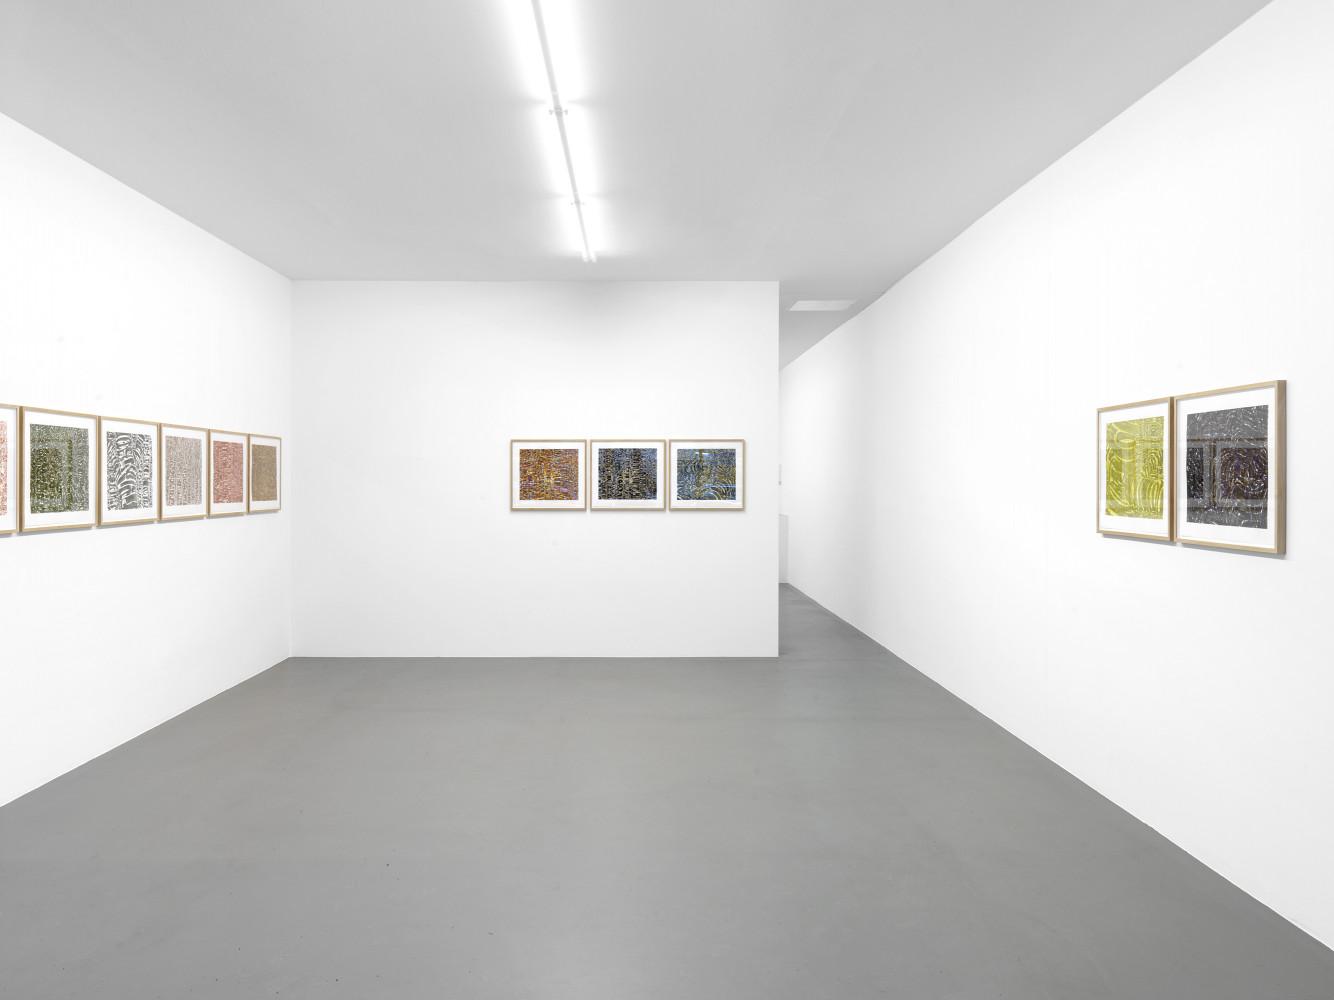 Tony Cragg, 'Waldzimmer', Installation view, Buchmann Box, 2011